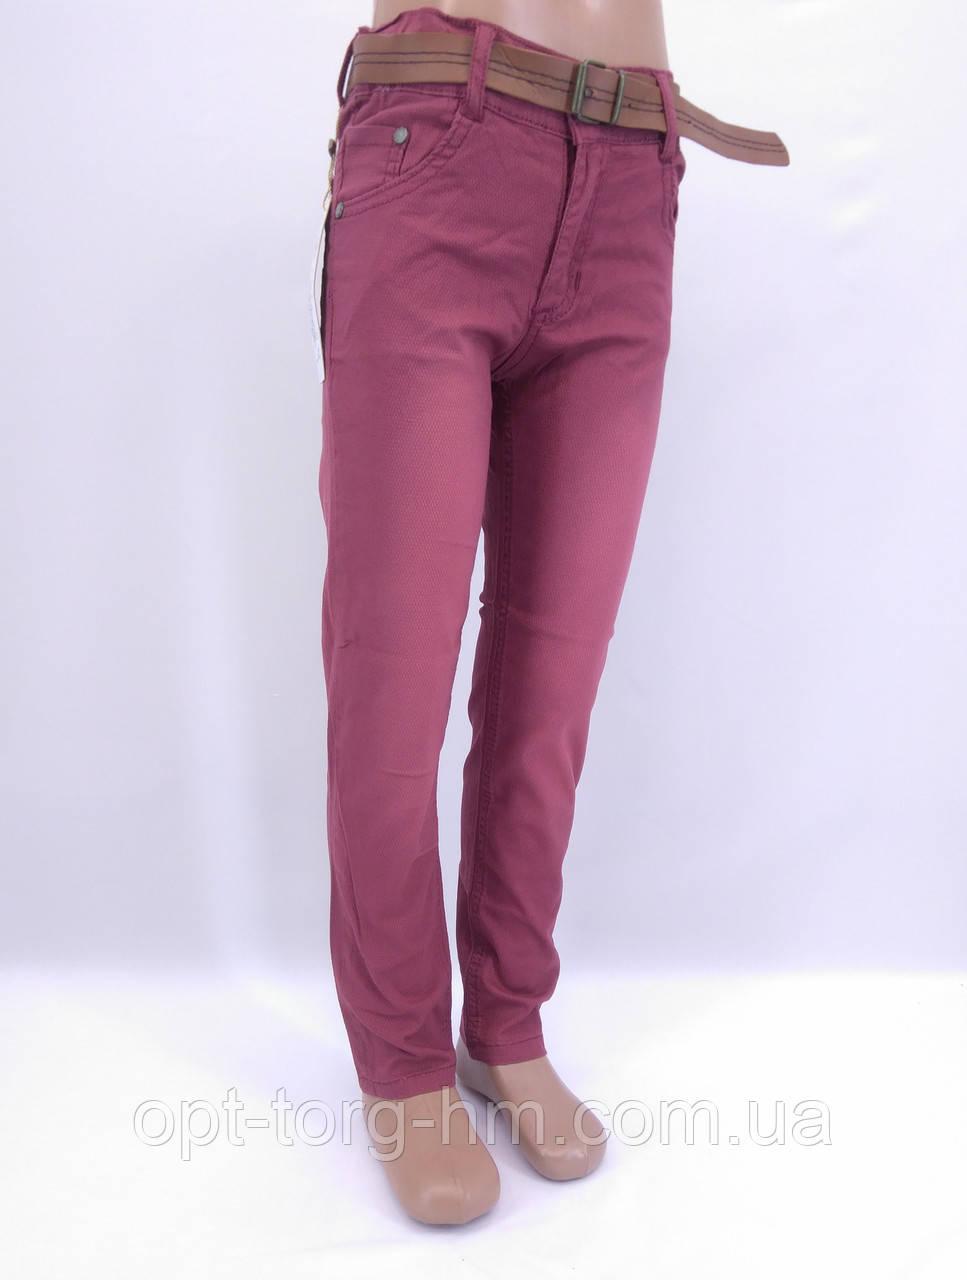 Котоновые брюки для мальчика (бордо)